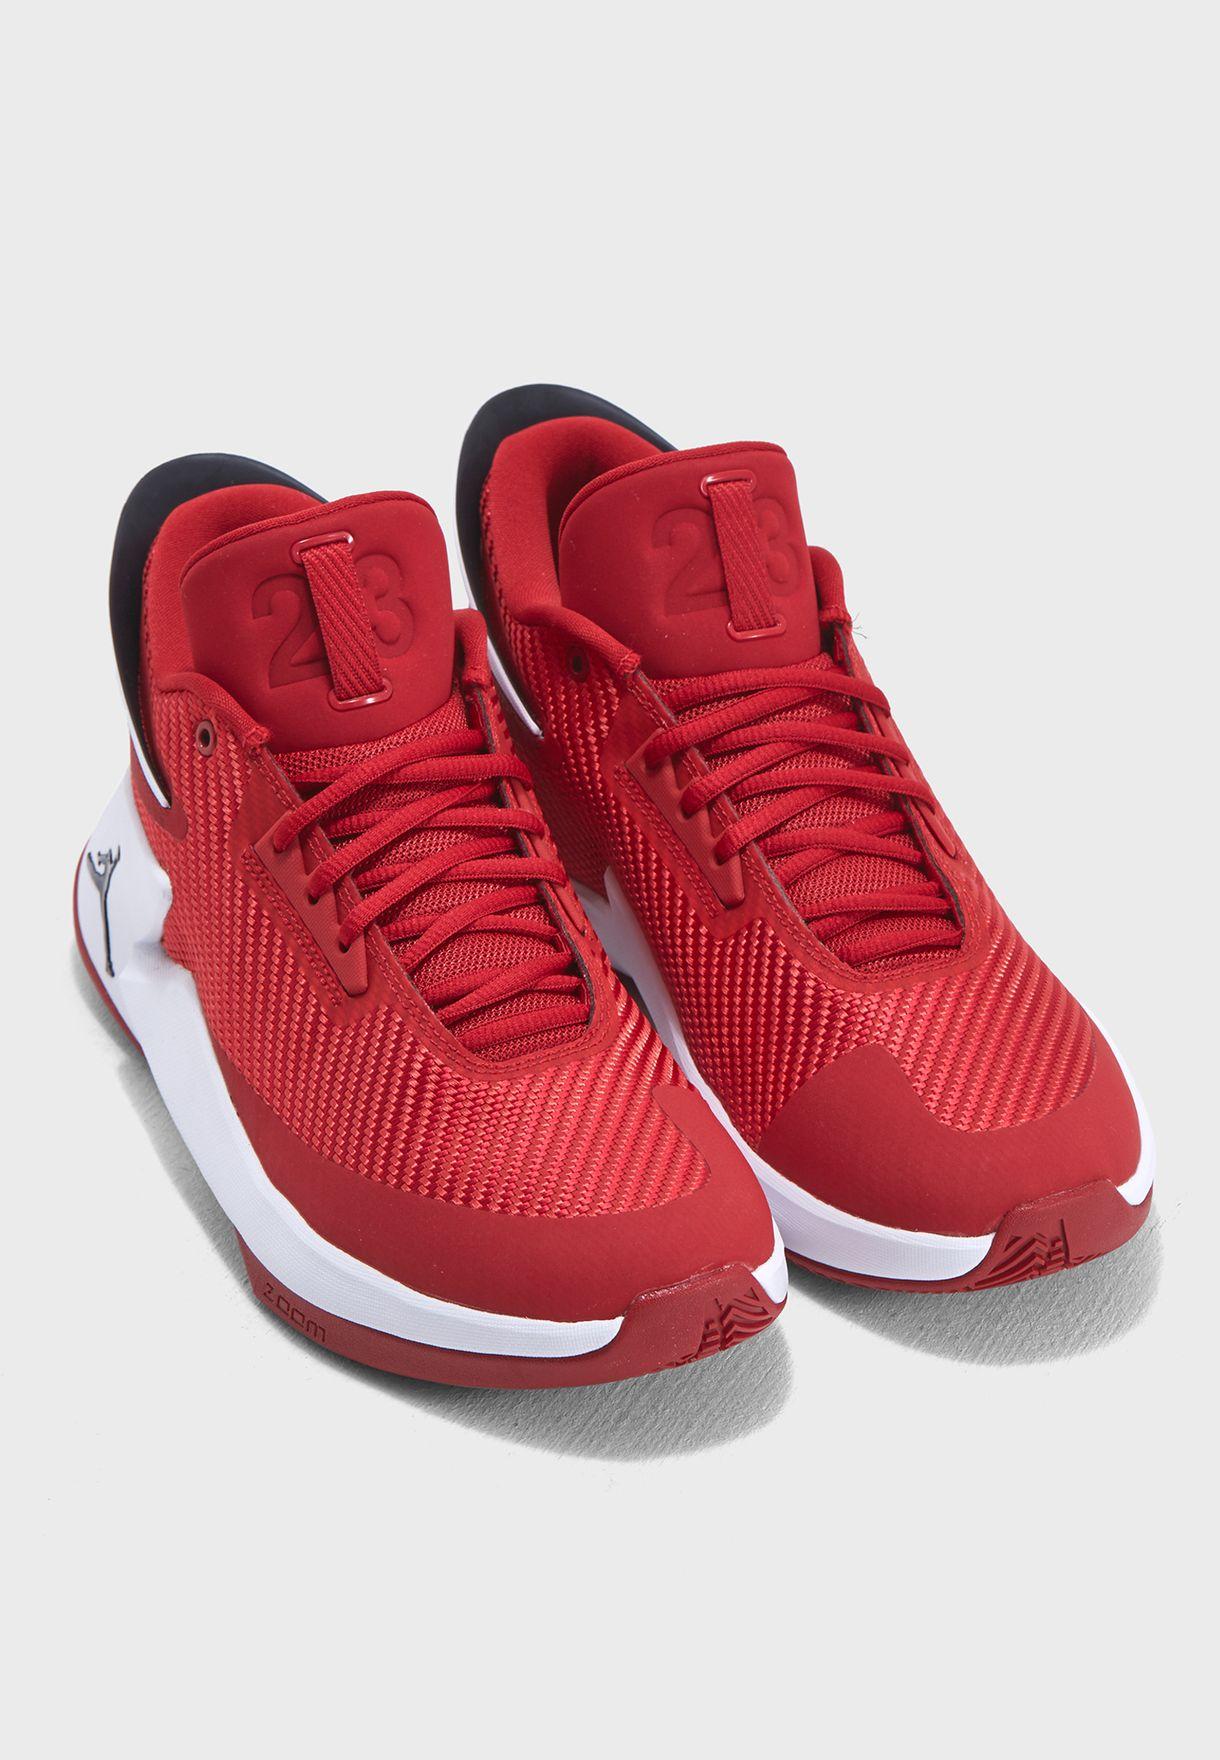 17f89191777f Shop Nike red Jordan Fly Lockdown AJ9499-601 for Men in Saudi ...